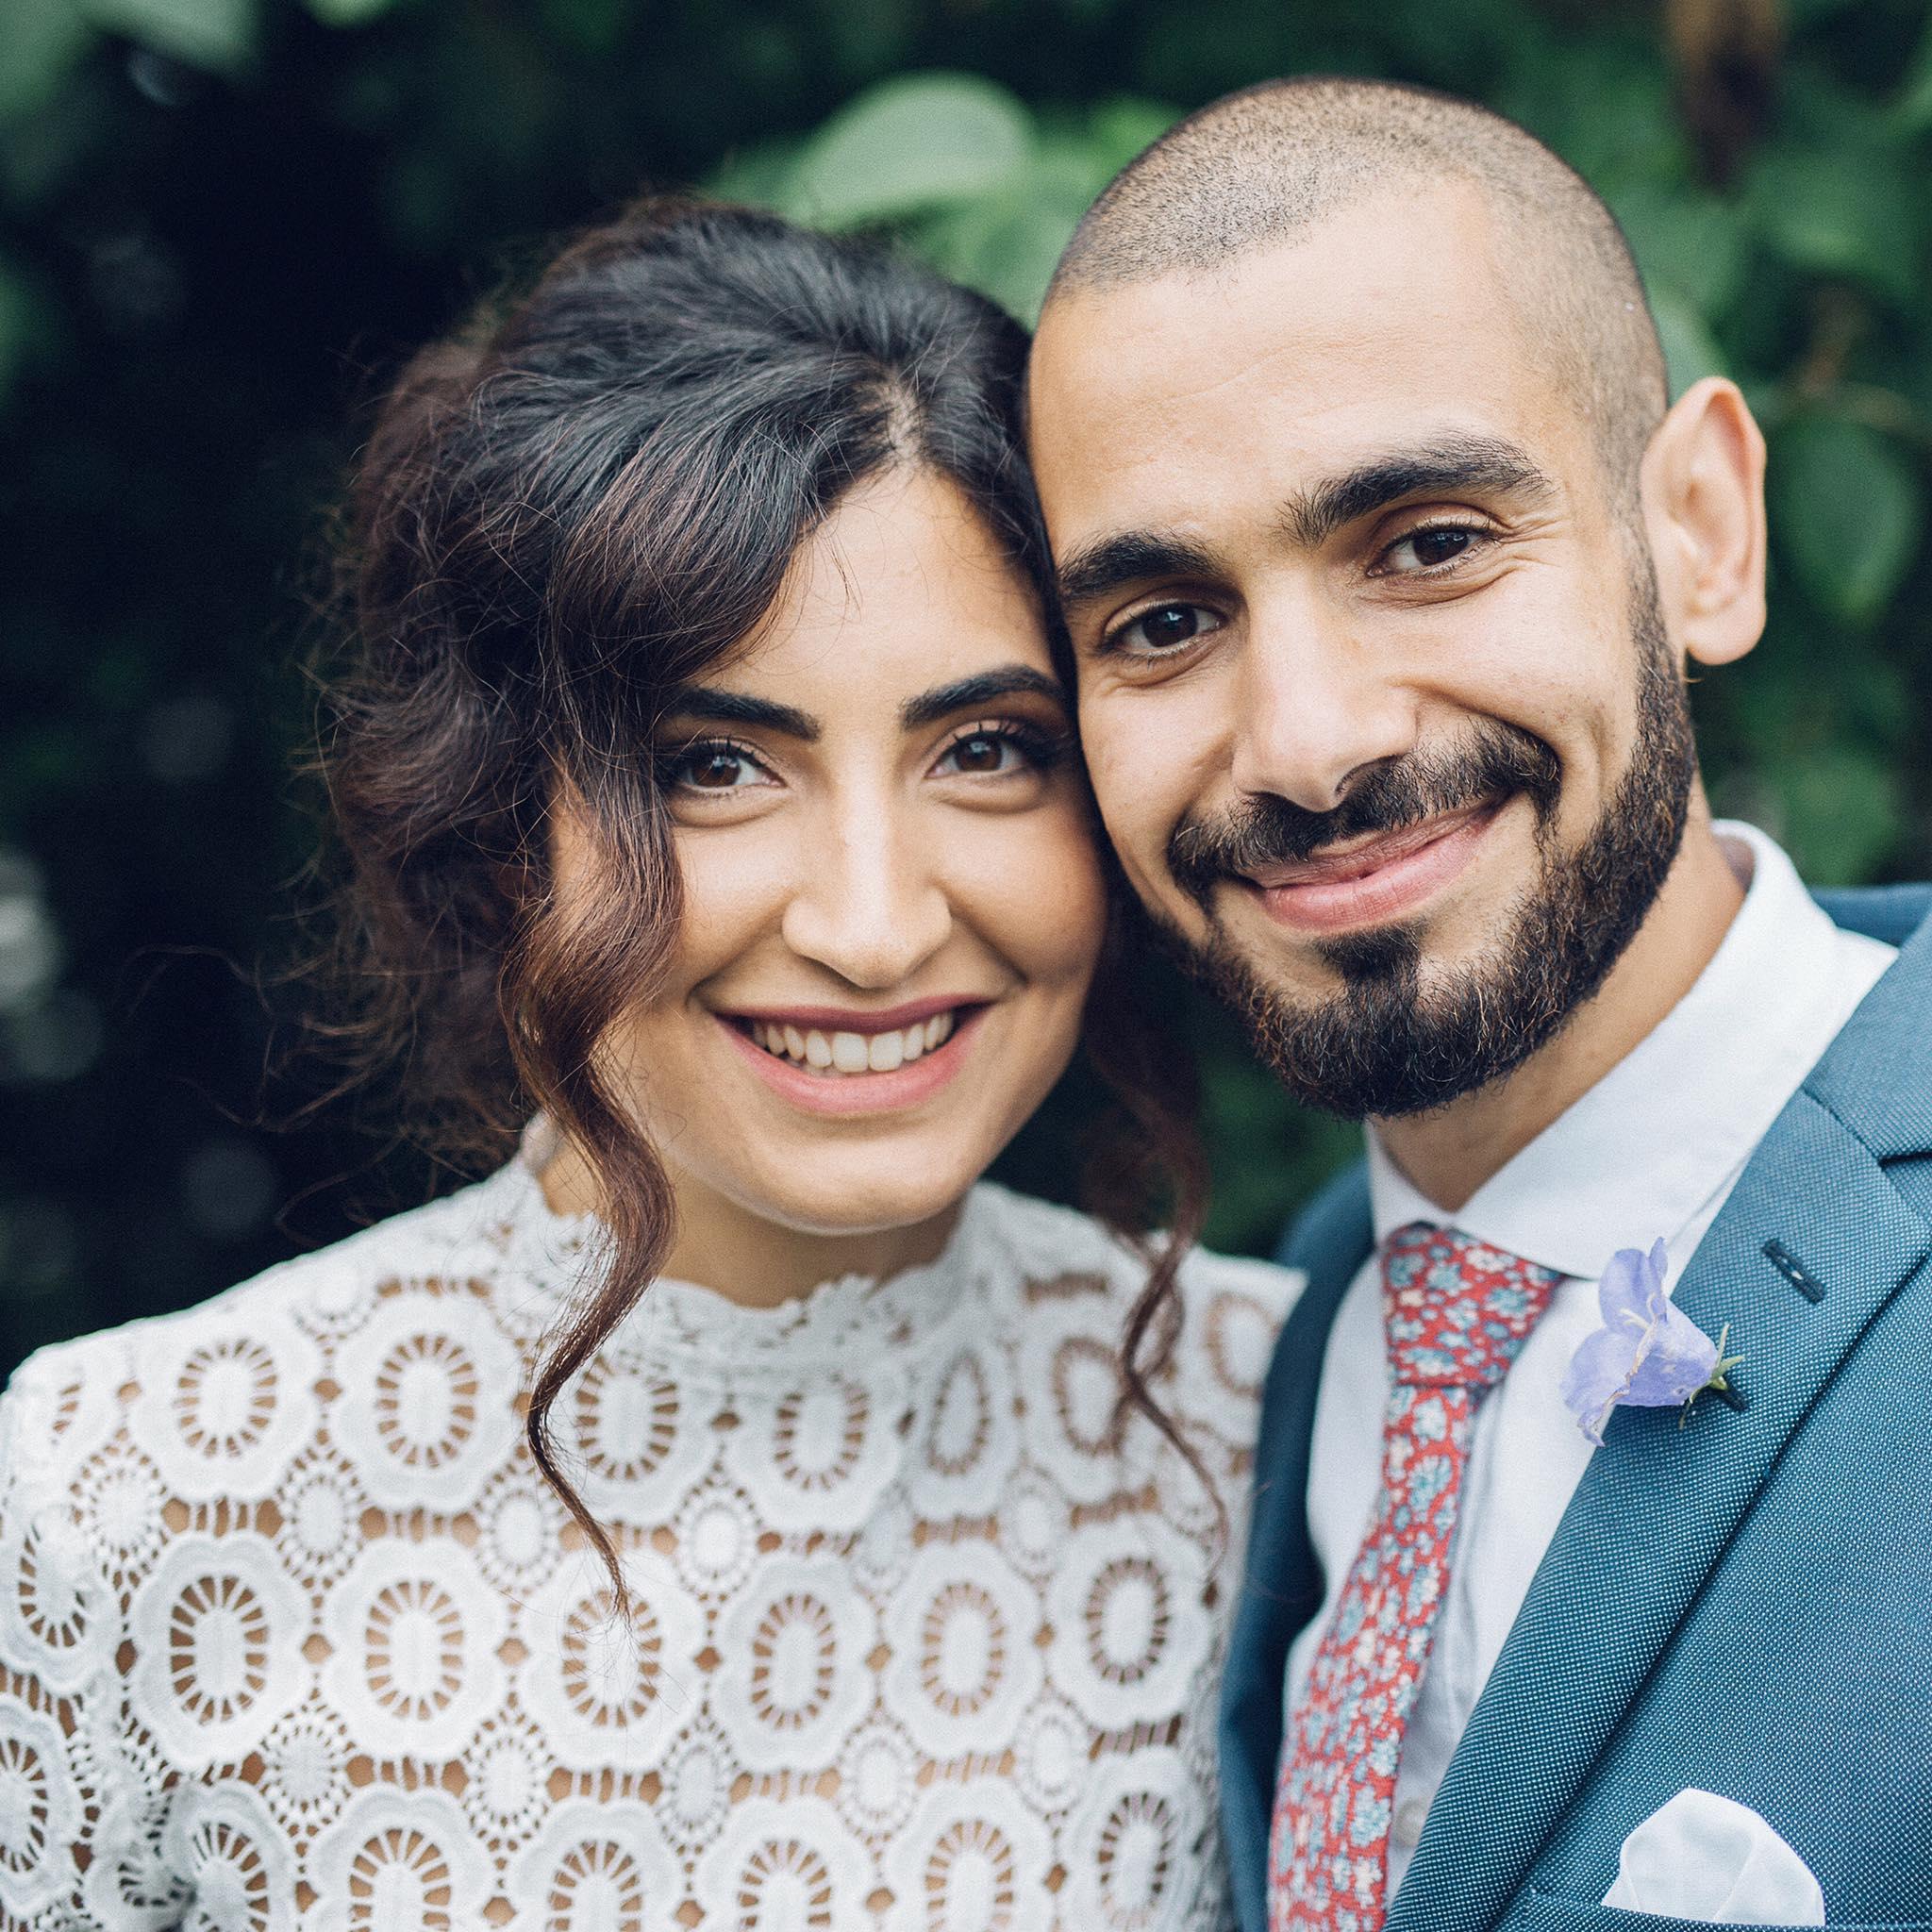 Bröllopsfotografering i Oxie